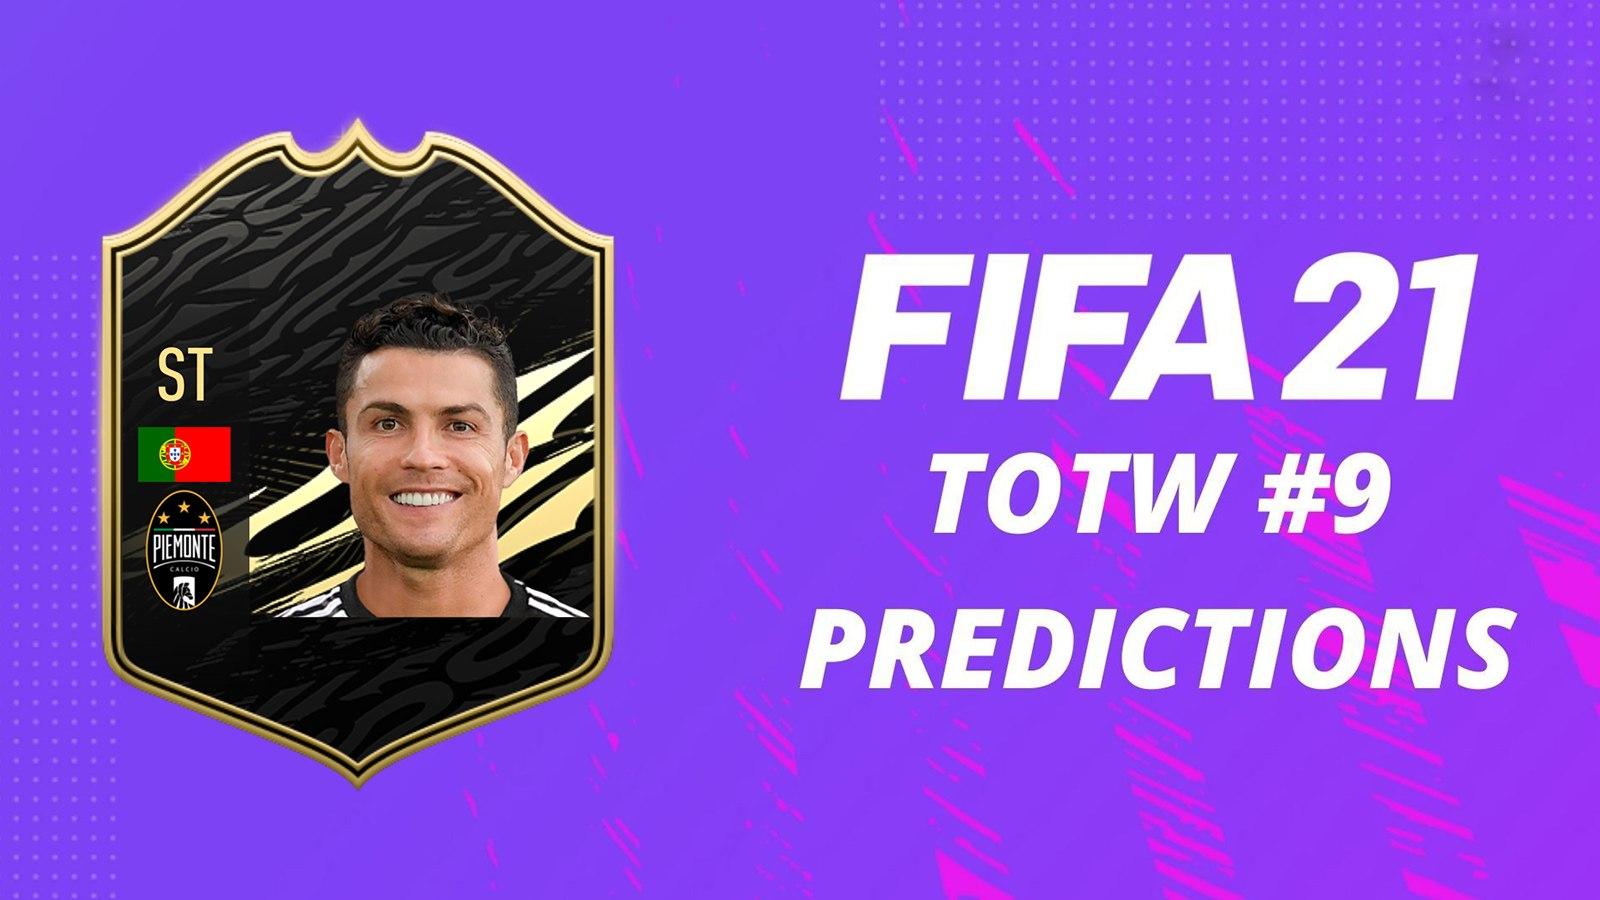 Prédictions TOTW 9 FIFA 21